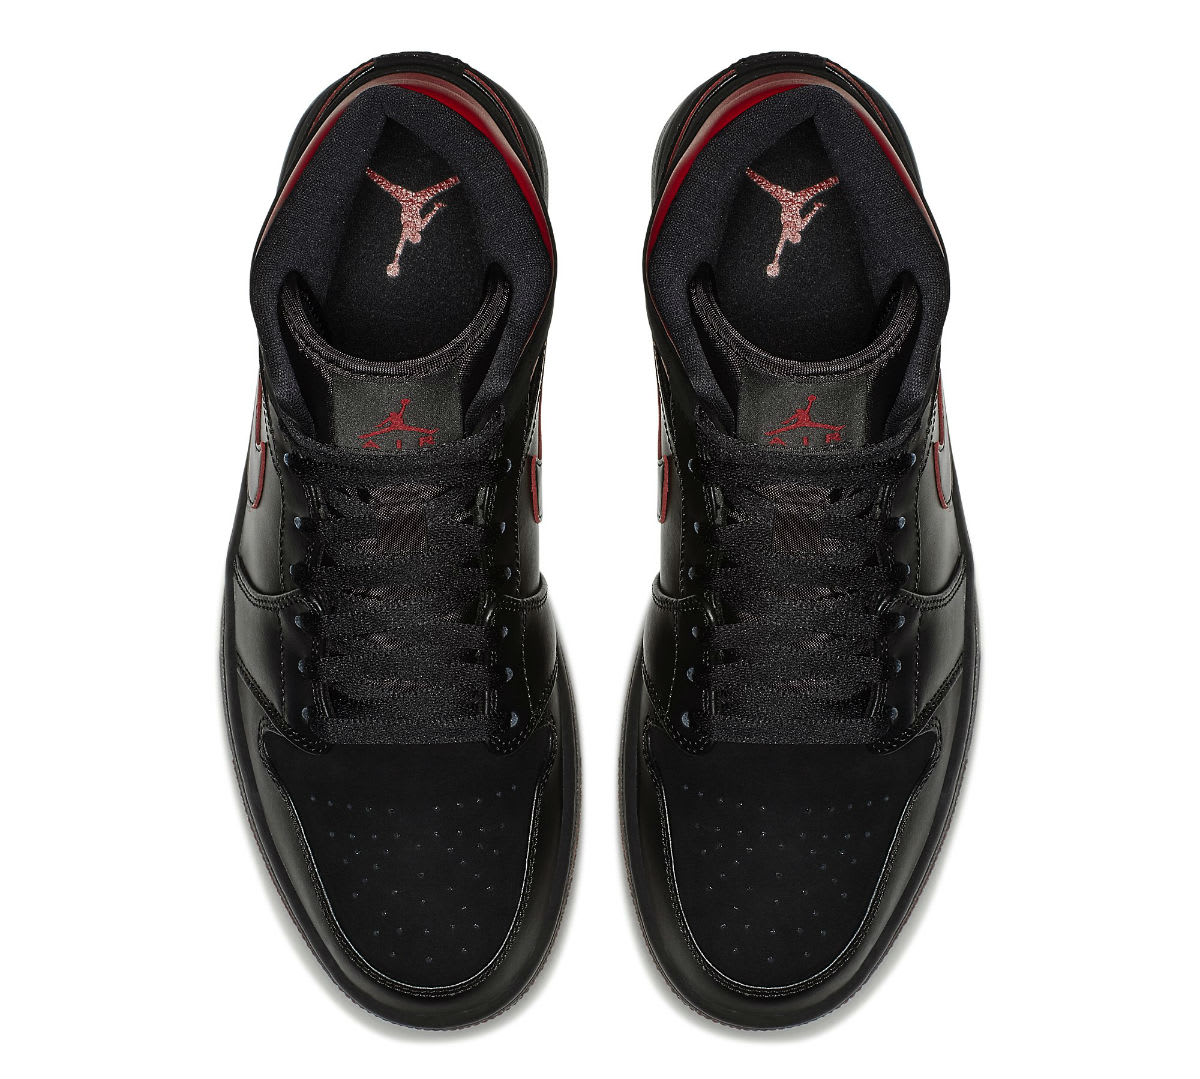 Air Jordan 1 Mid Last Shot Release Date 554724-076 Top